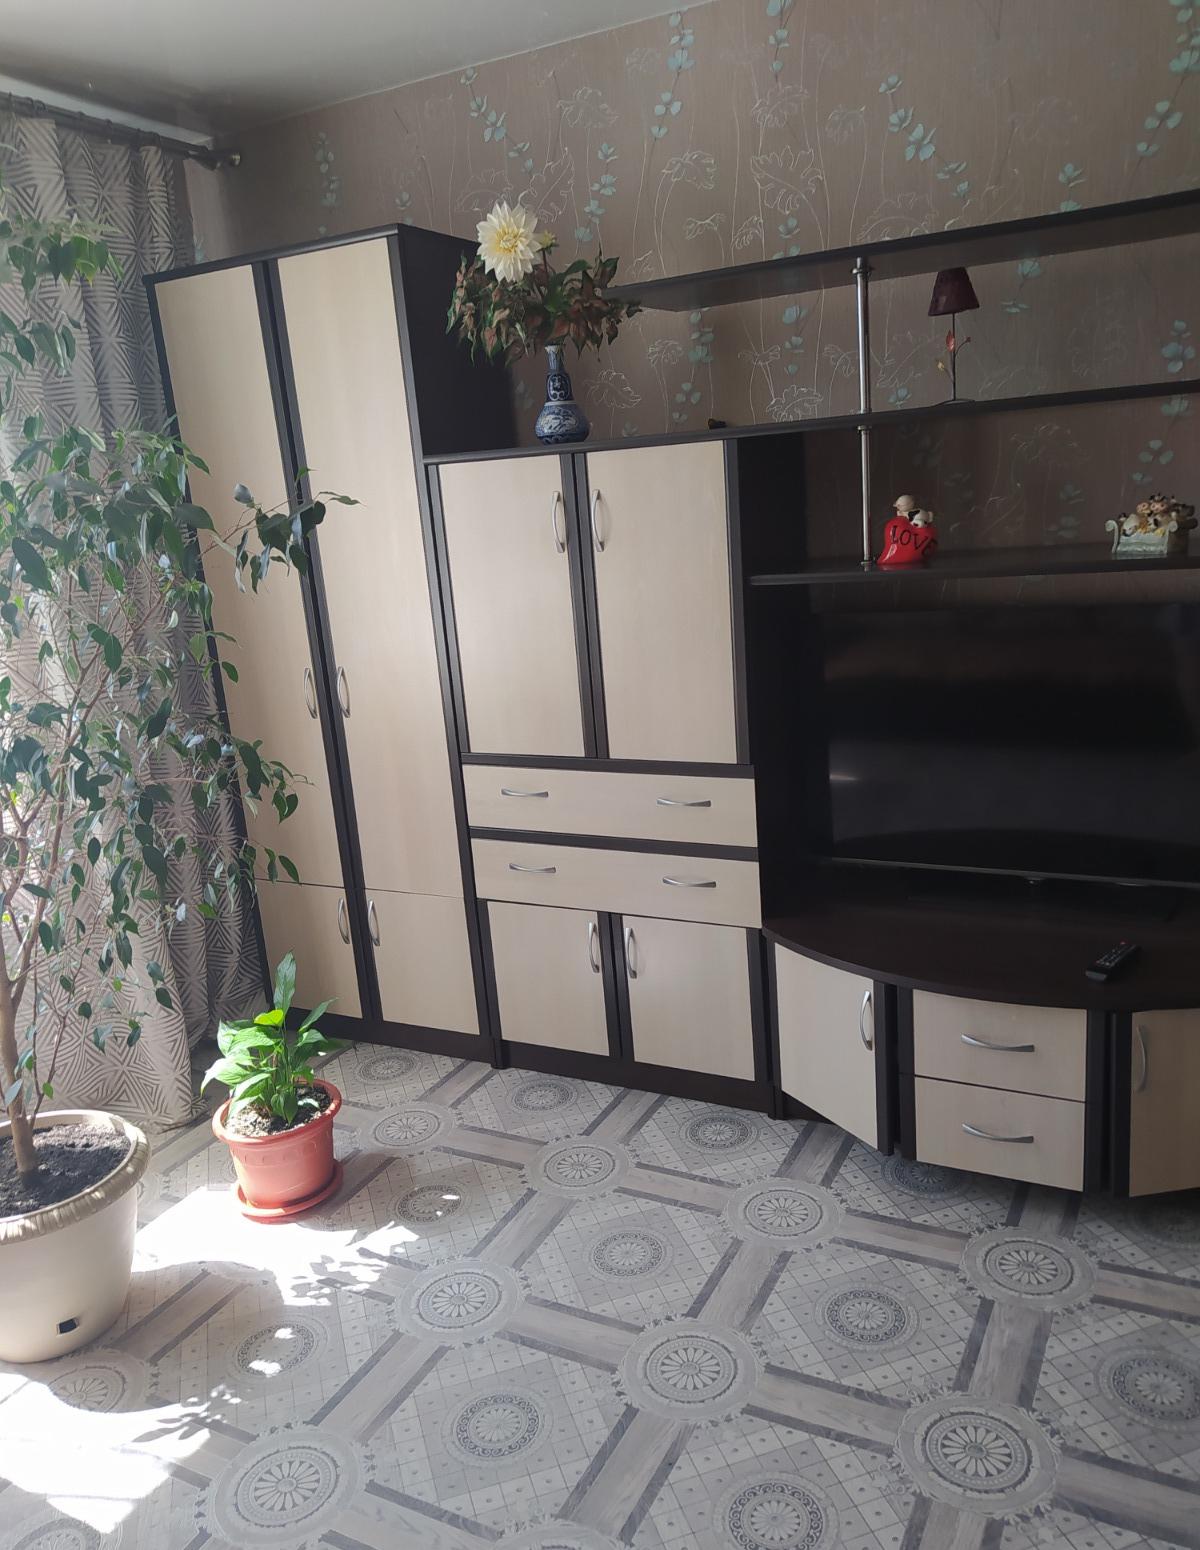 2к квартира ул Судостроительная, д 97 | 30000 | аренда в Красноярске фото 1